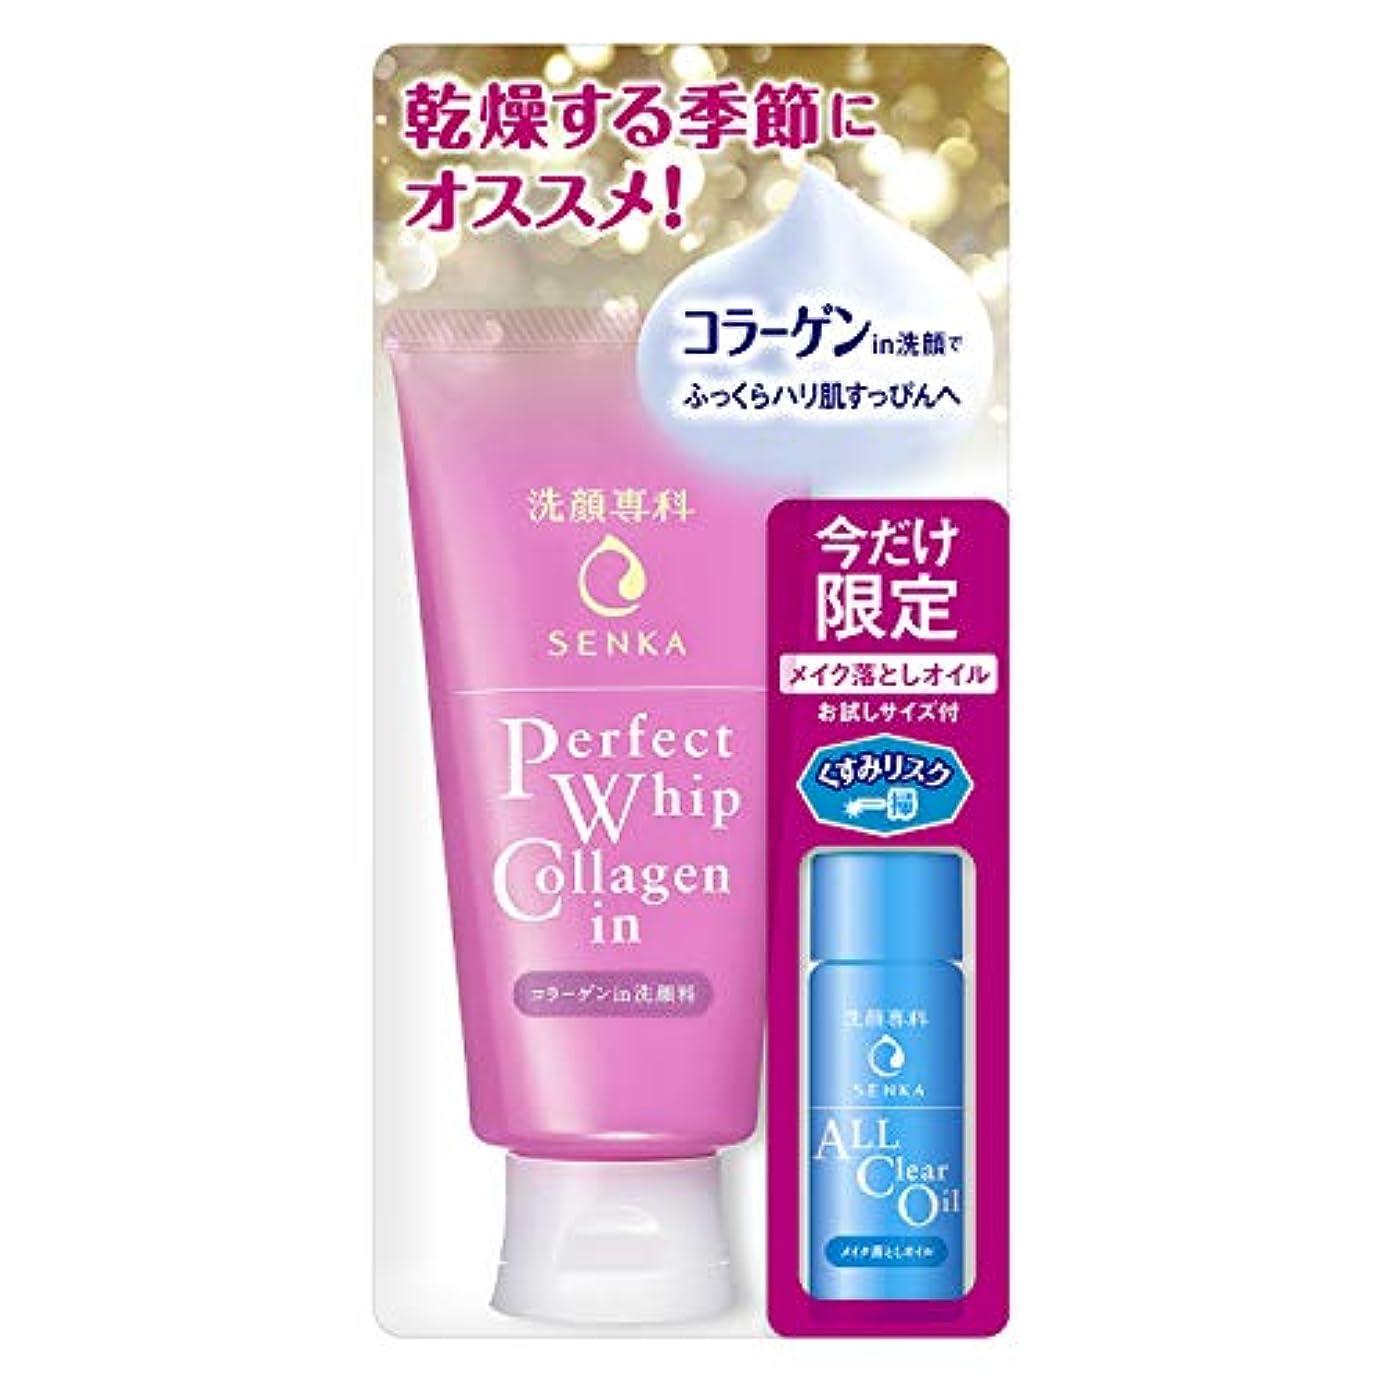 ぐるぐる運命どんよりした洗顔専科 パーフェクトホイップ コラーゲンin オールクリアオイル特製サイズ付き